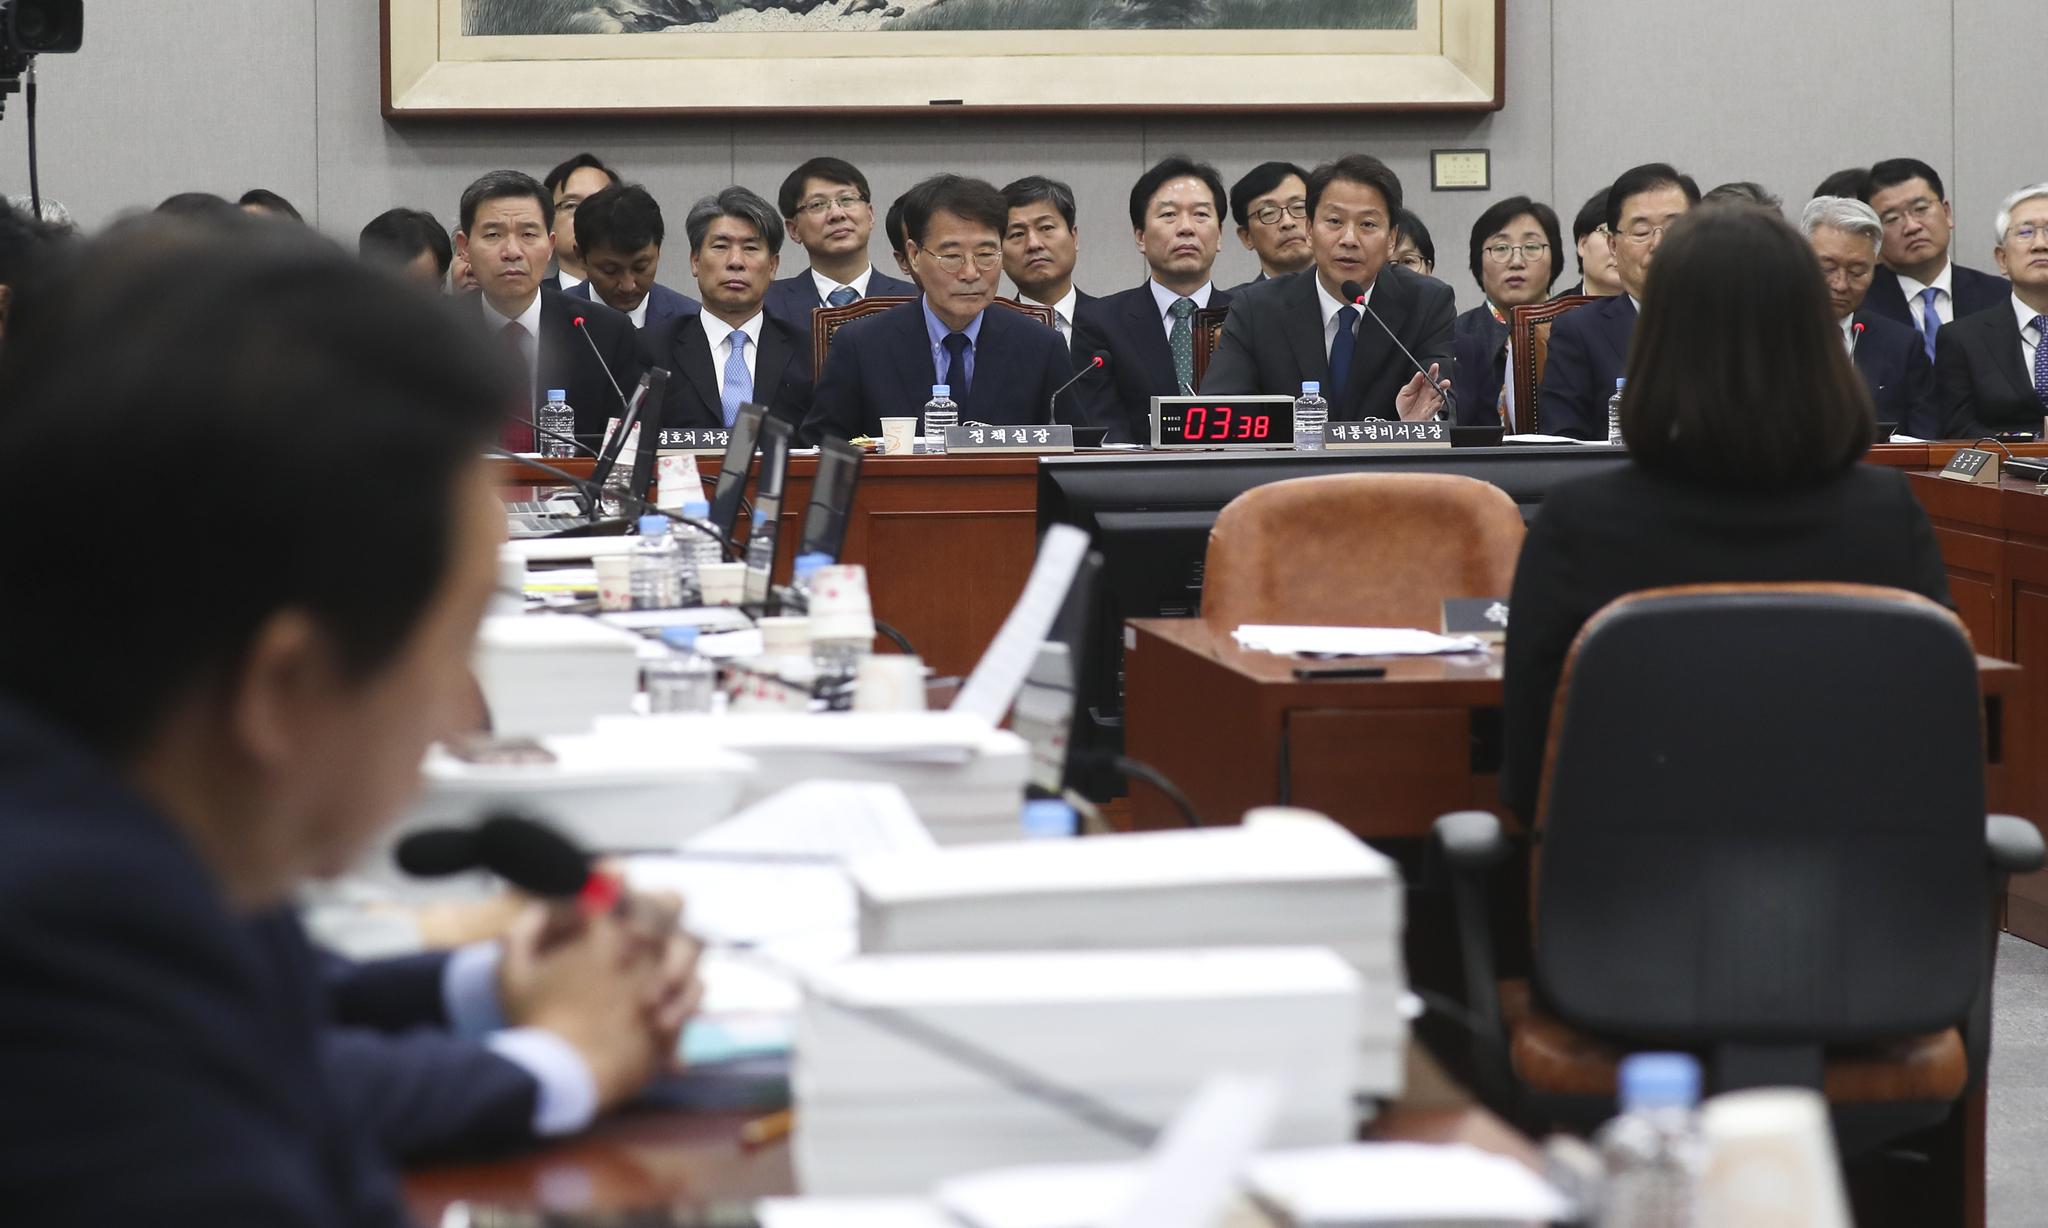 김성태 자유한국당 원내대표(왼쪽)가 6일 국회에서 열린 국회 운영위원회의 청와대에 대한 국정감사에서 임종석 비서실장에게 질의를 하고 있다. 임현동 기자